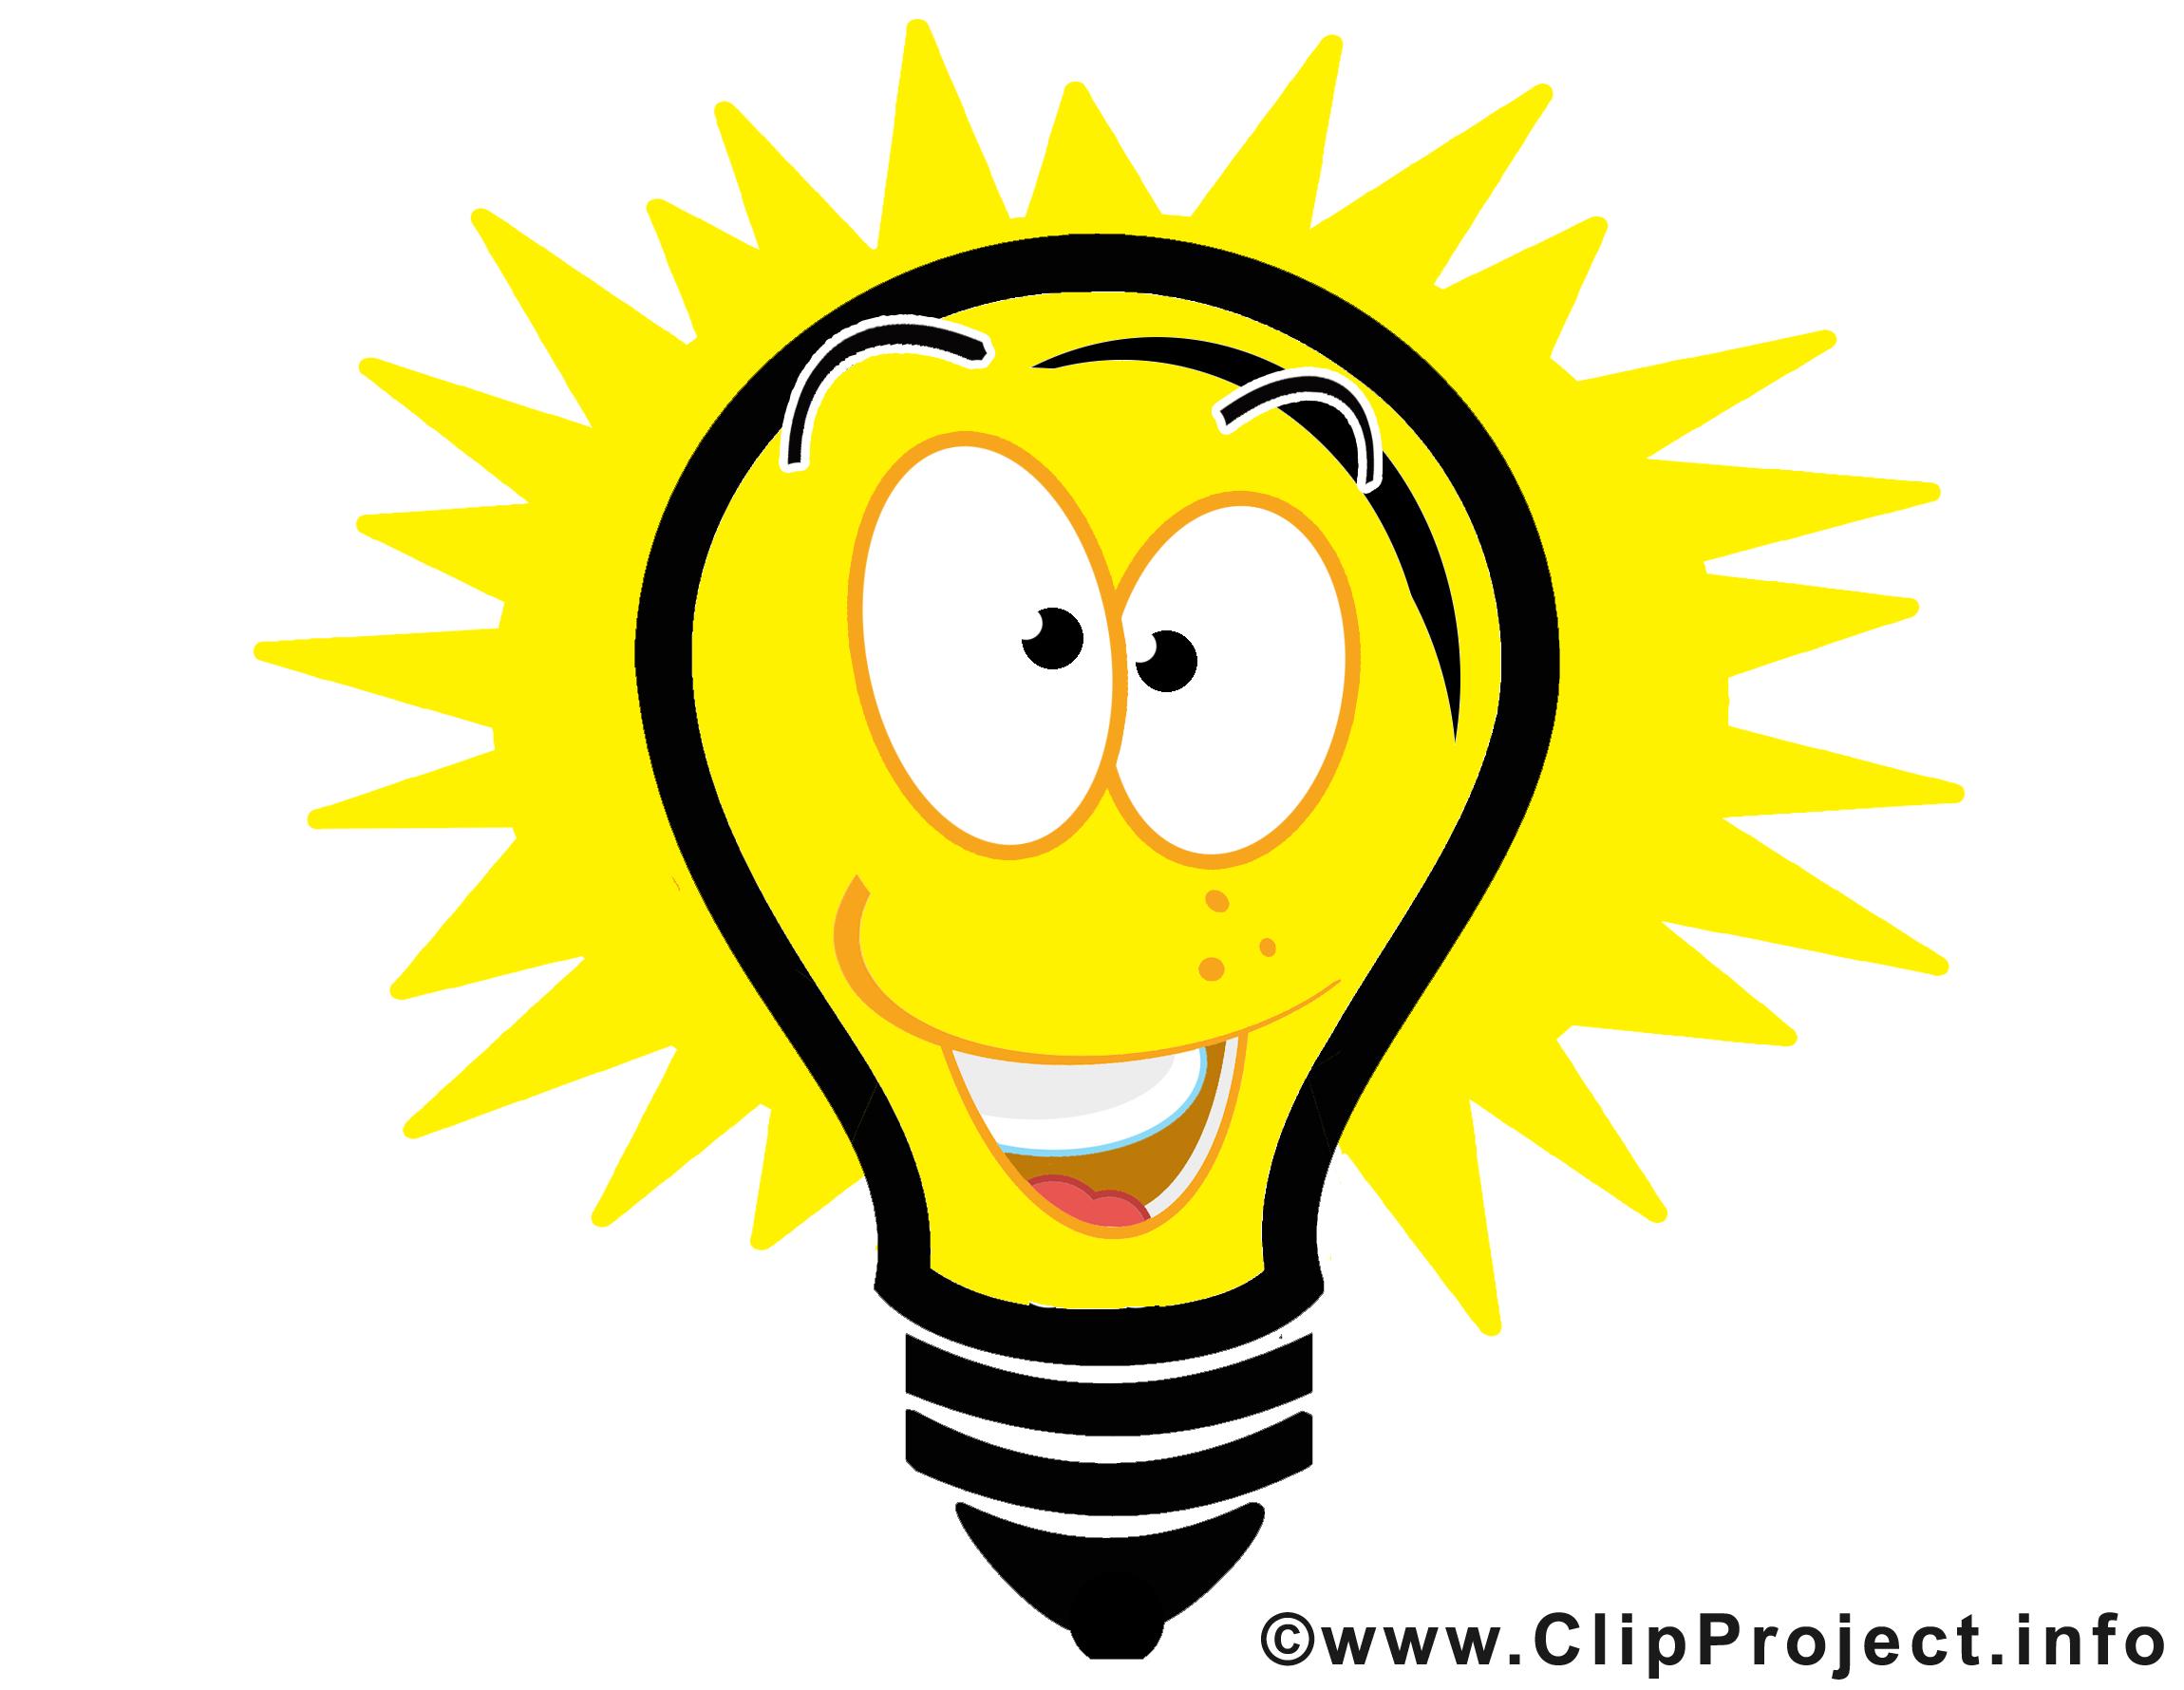 ampoule id e clip art gratuit entreprise dessin business dessin picture image graphic. Black Bedroom Furniture Sets. Home Design Ideas